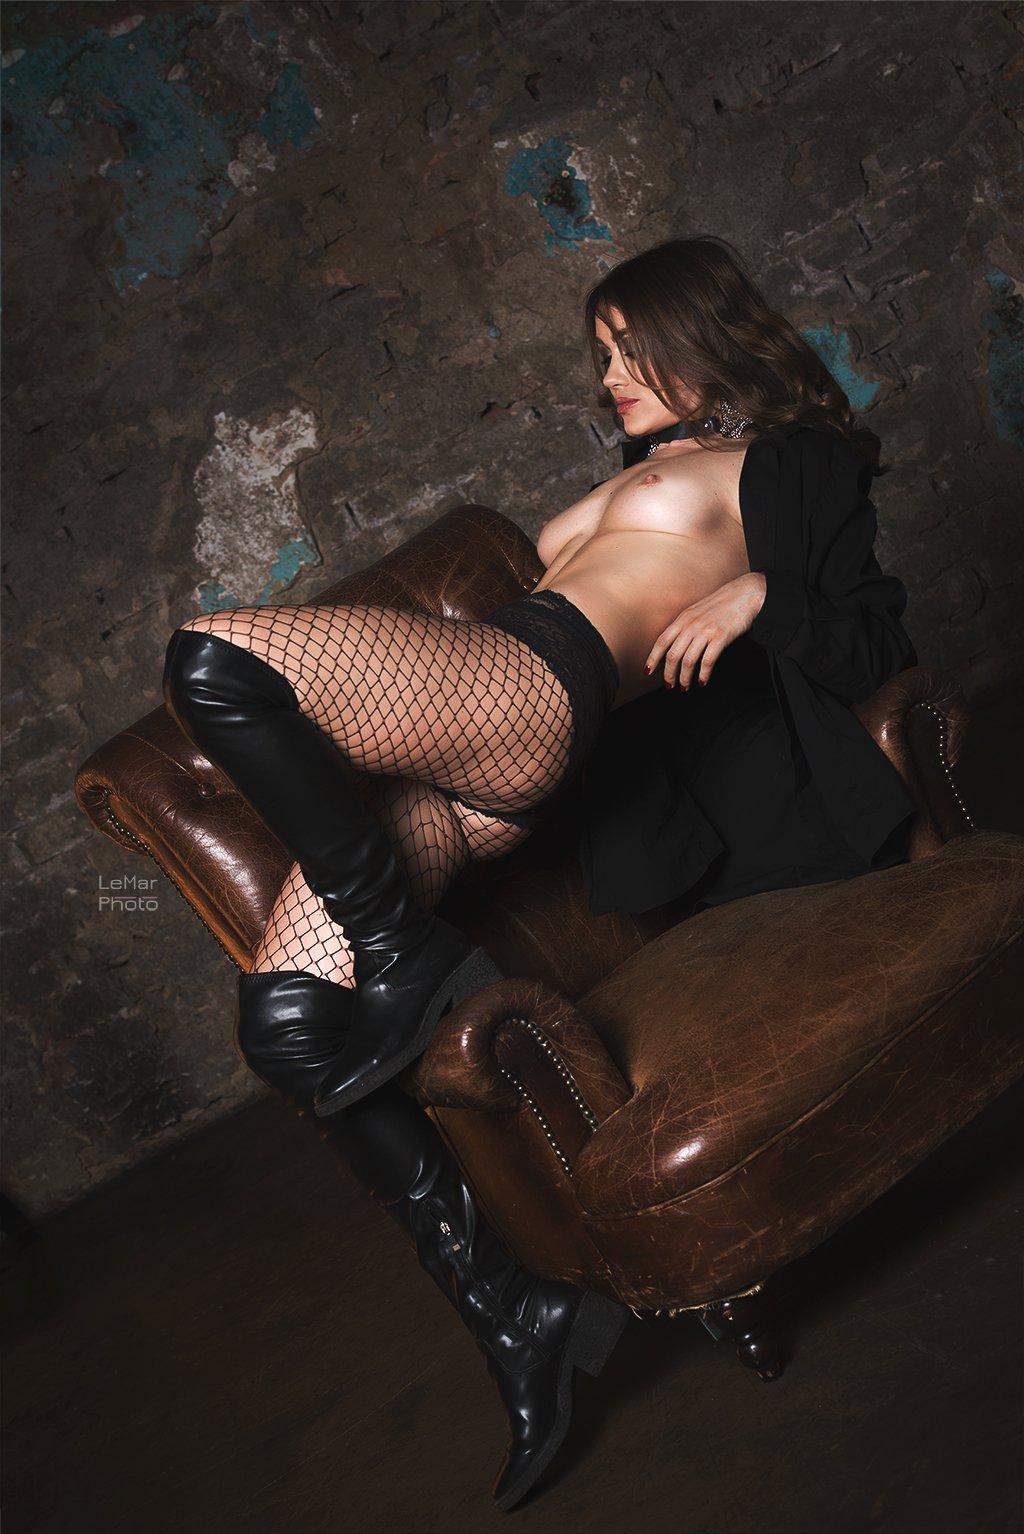 девушка, модель, москва, фотограф, фотосессия, фотограф ню, ню, nude, erotica, moscow, russian girl, girl, nu, ню фотограф, Леонид Маркачев